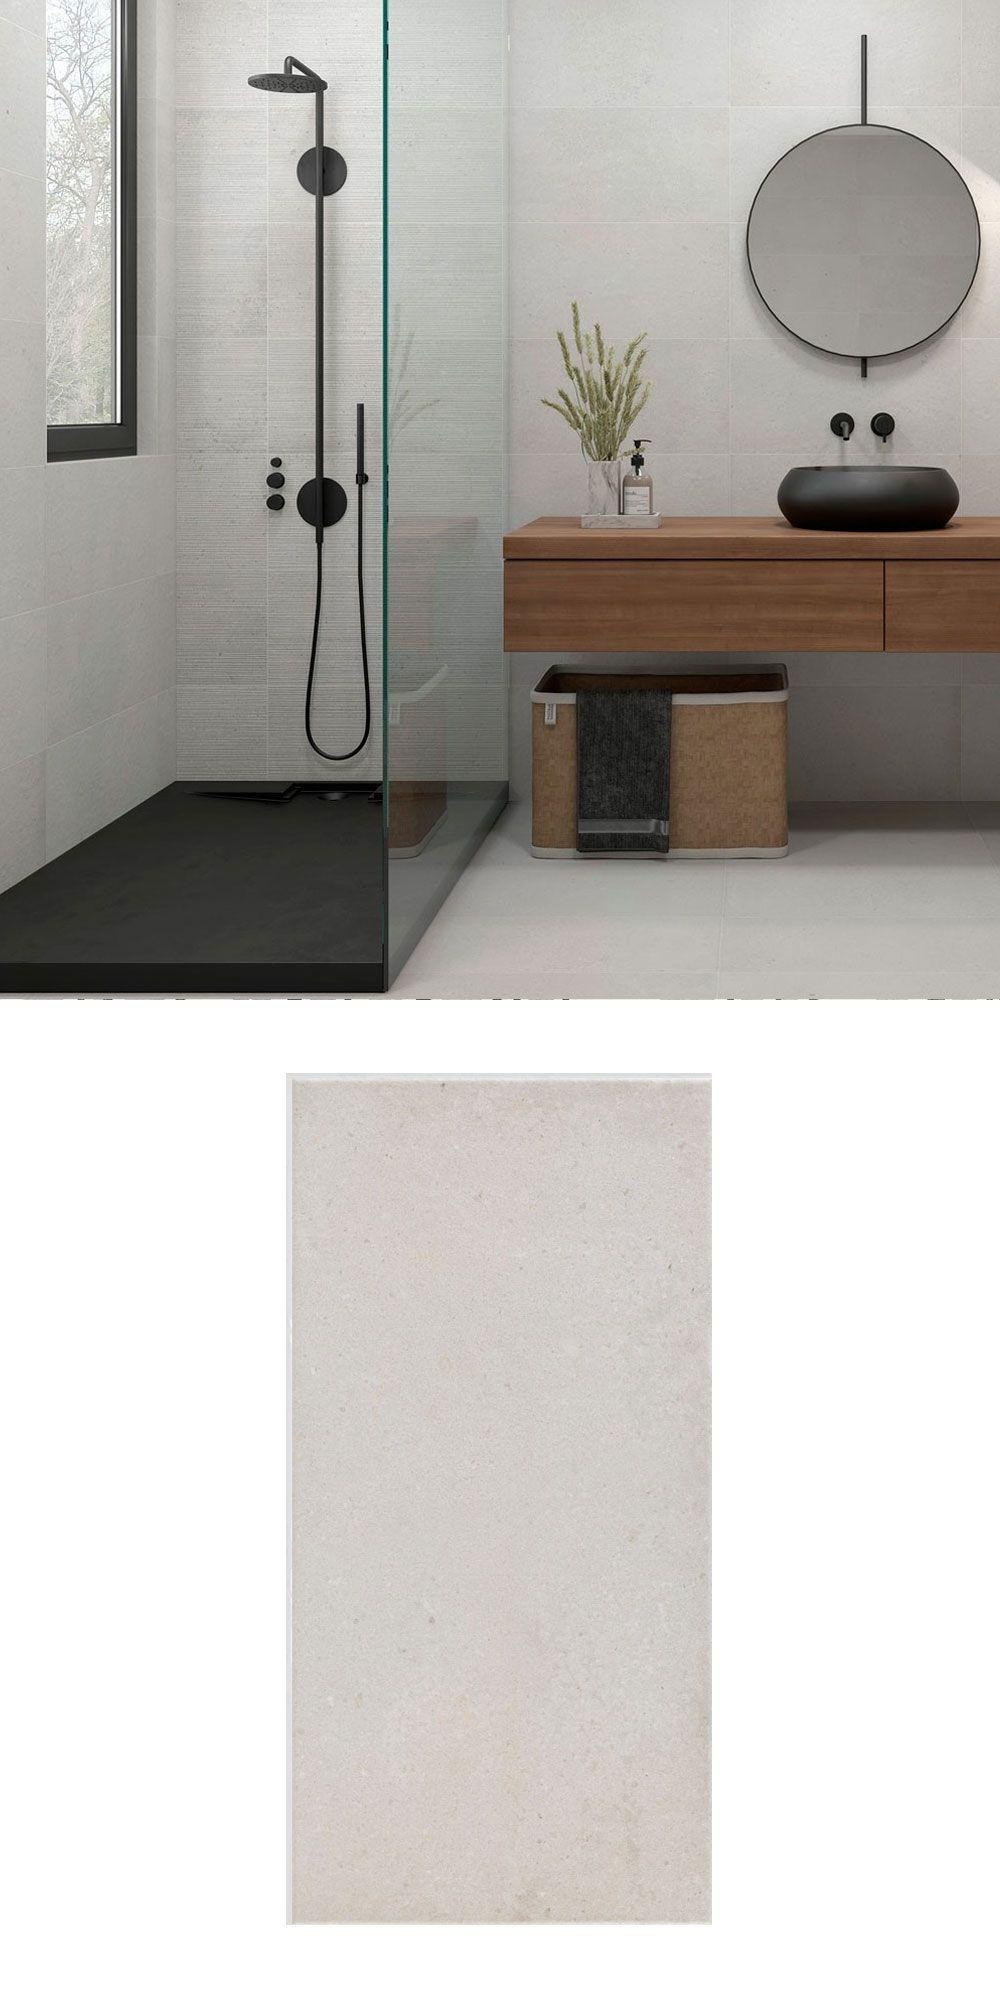 Ereka Chalk Tiles Tiles White Wall Tiles Tiles Price